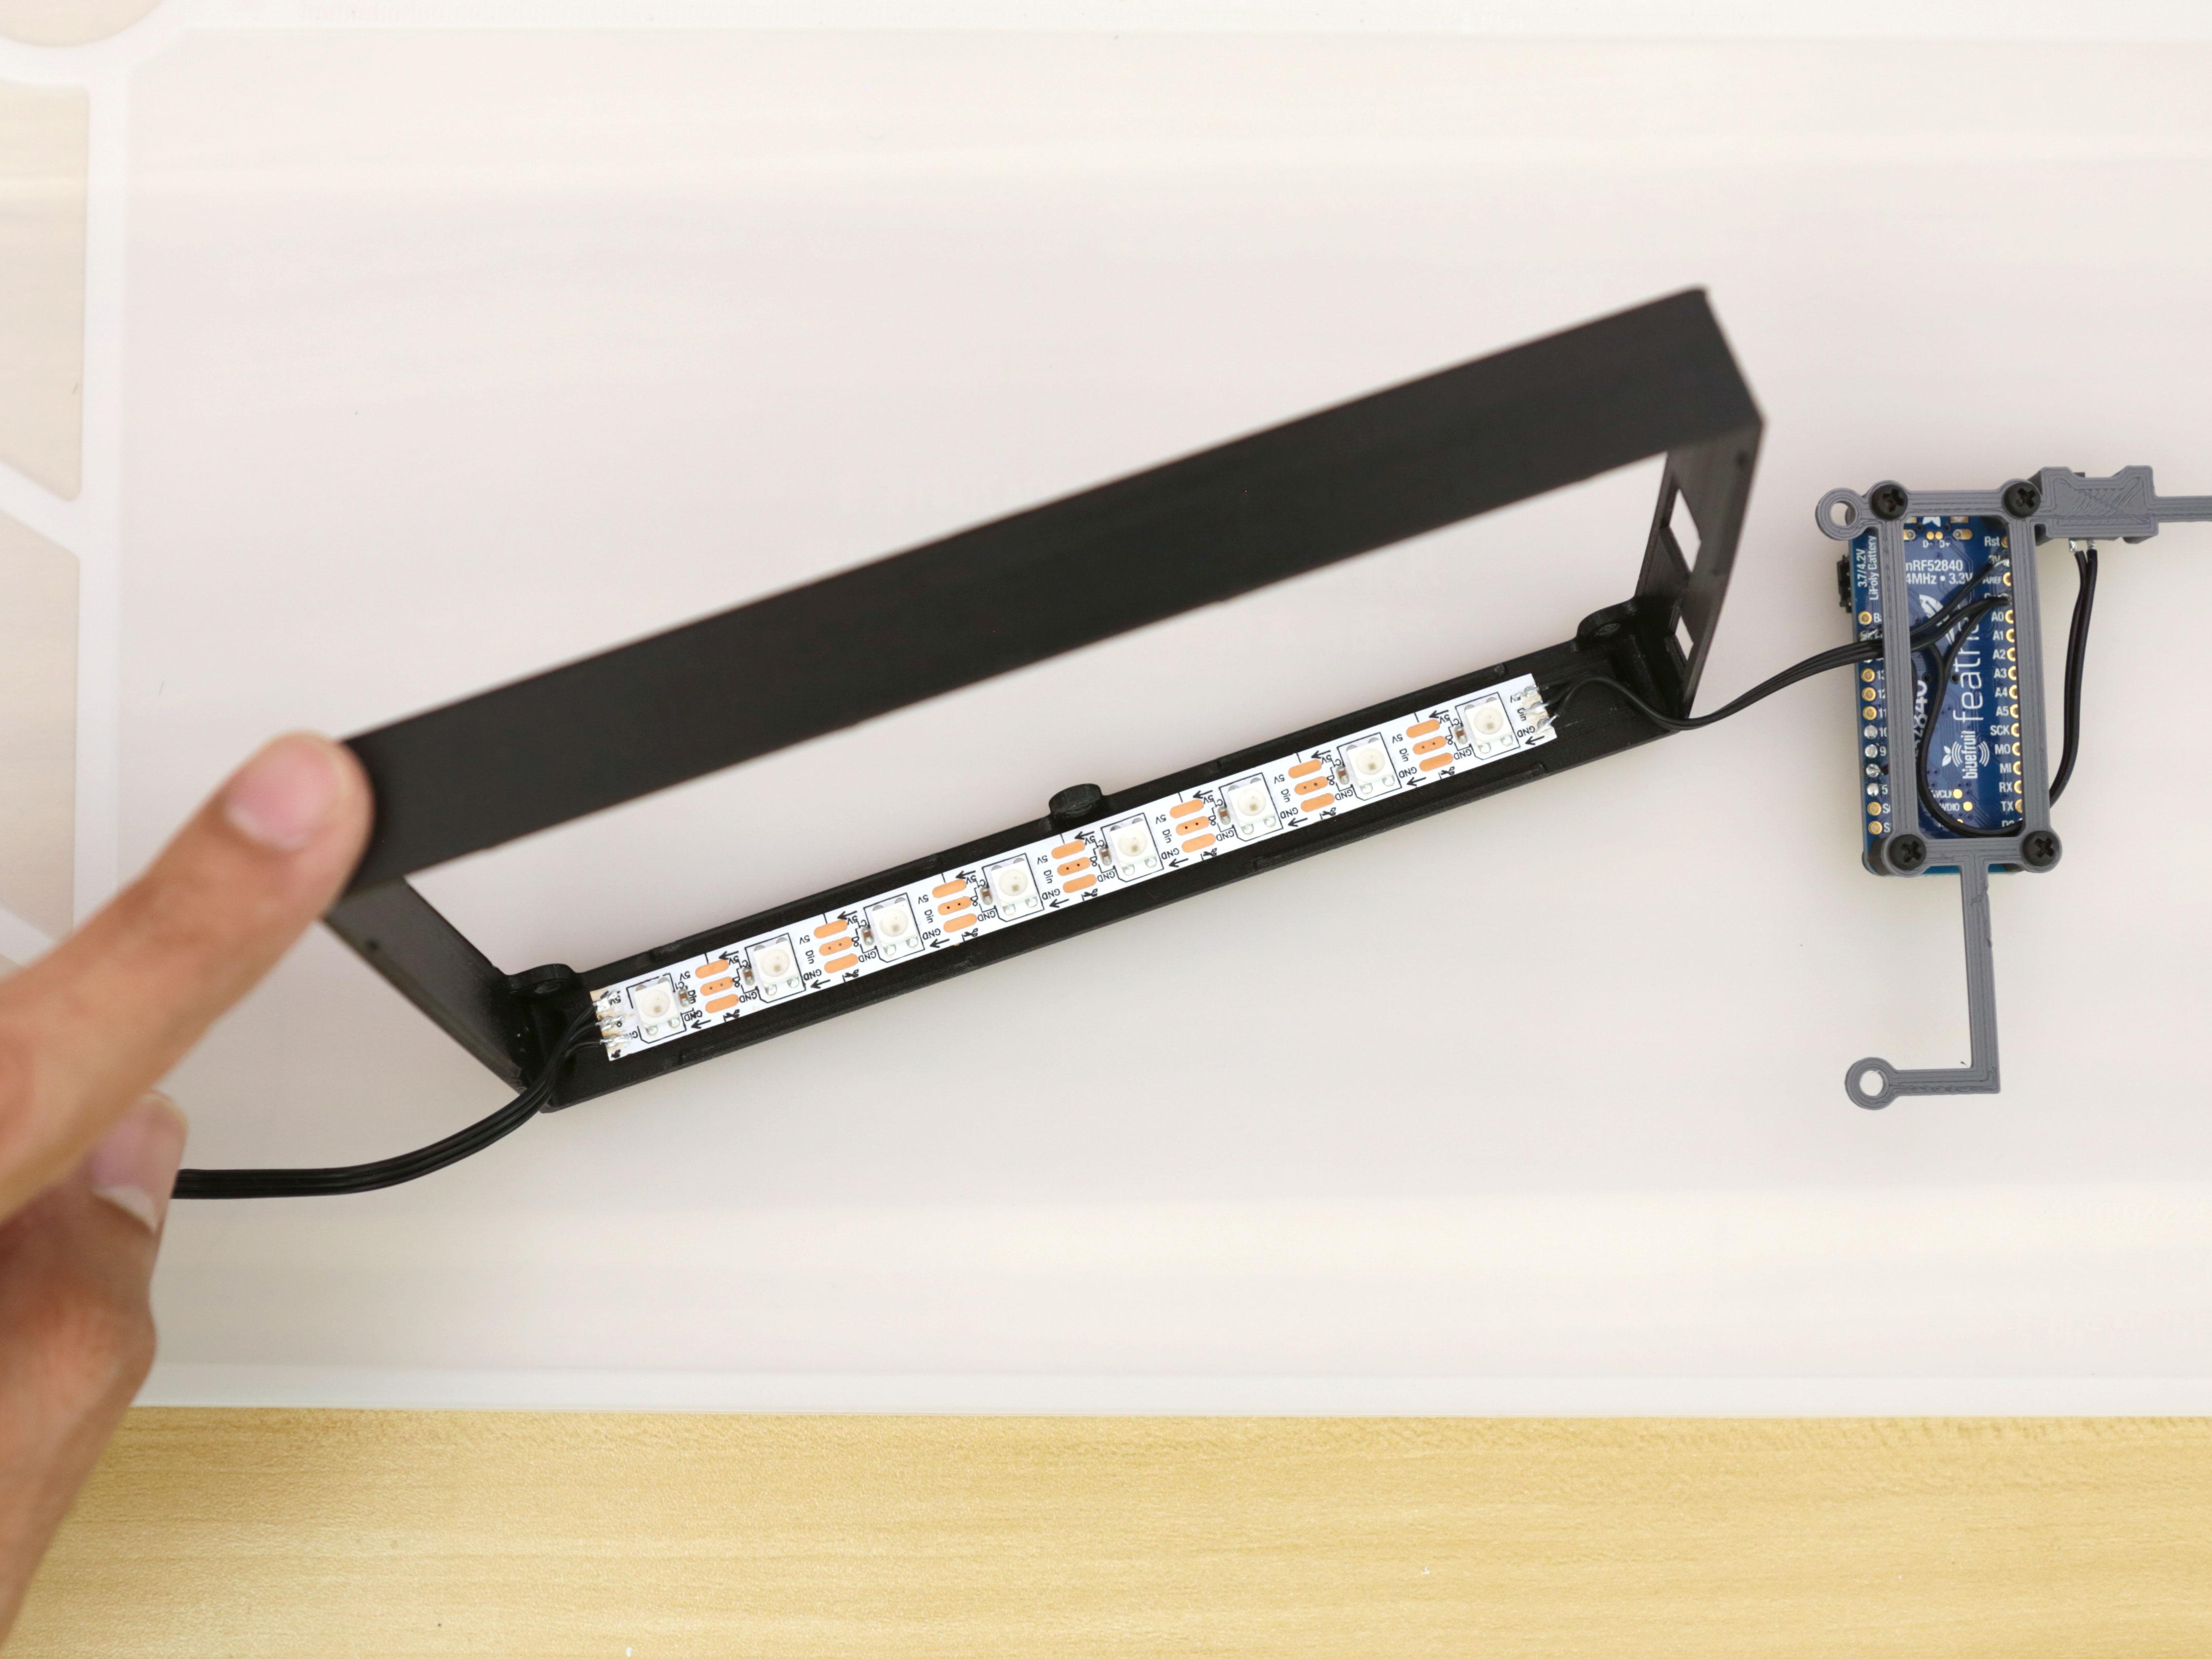 led_strips_frame-strip-a-installed.jpg